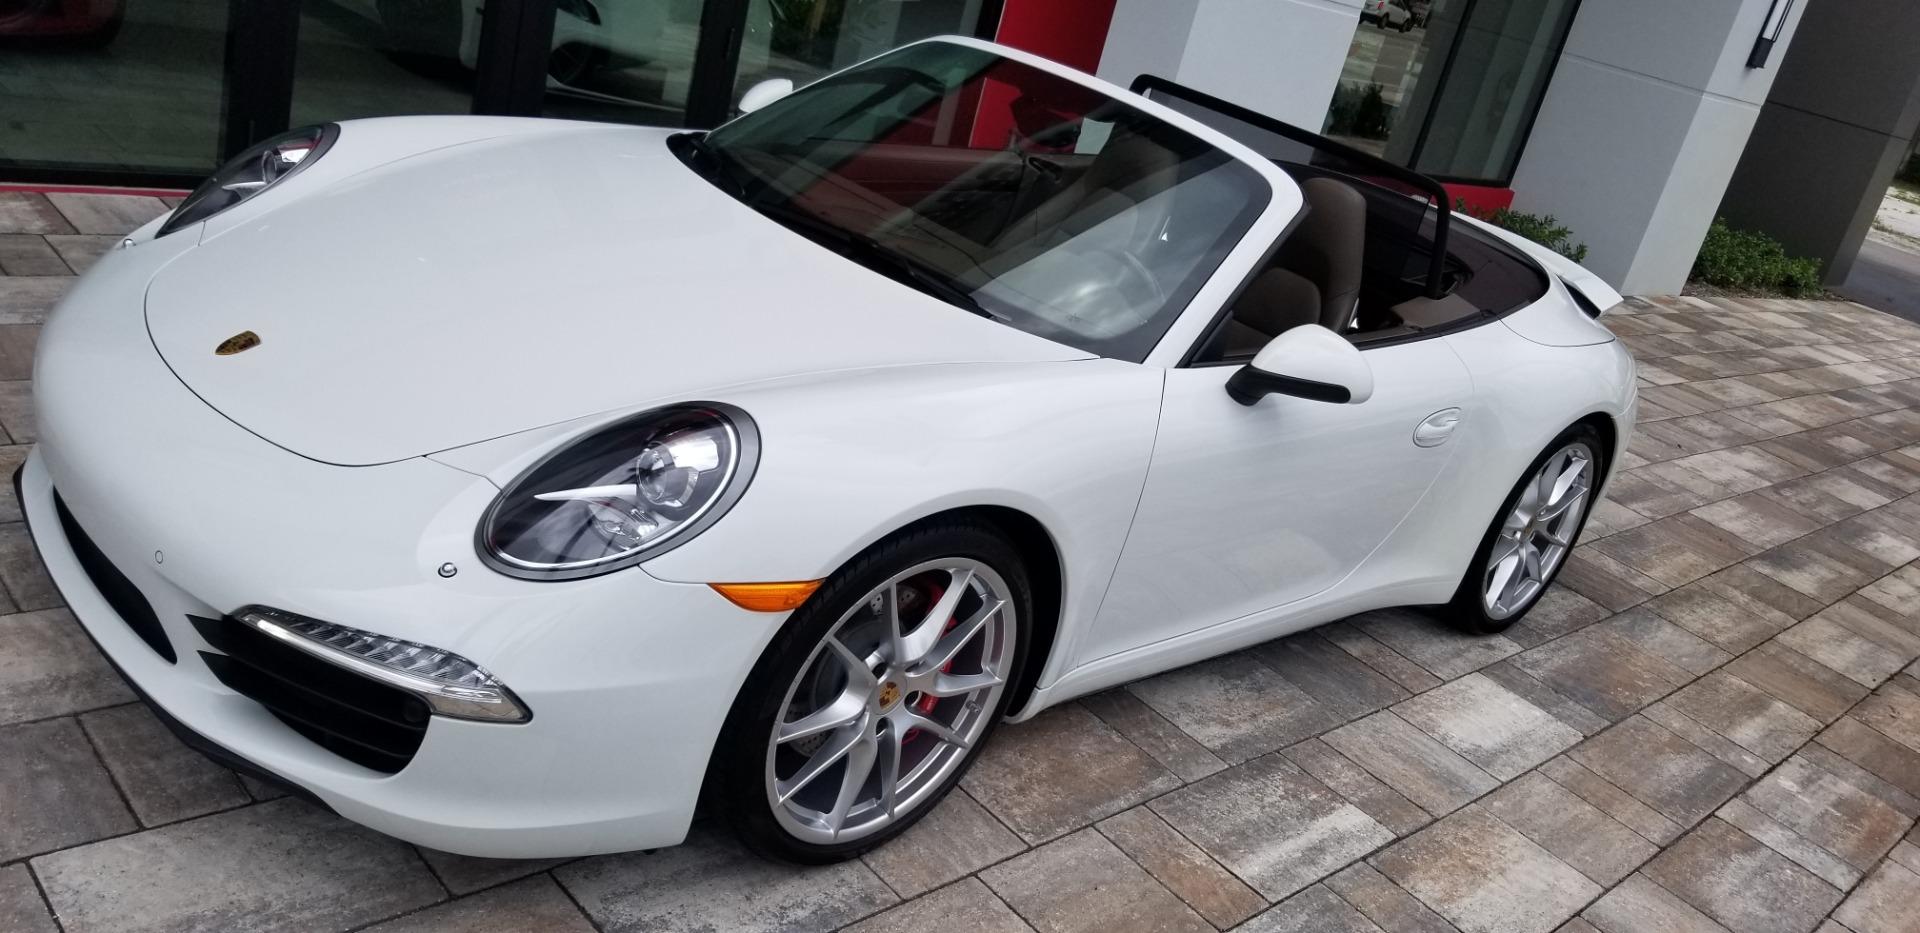 Used-2013-Porsche-911-Carrera-S-Carrera-S